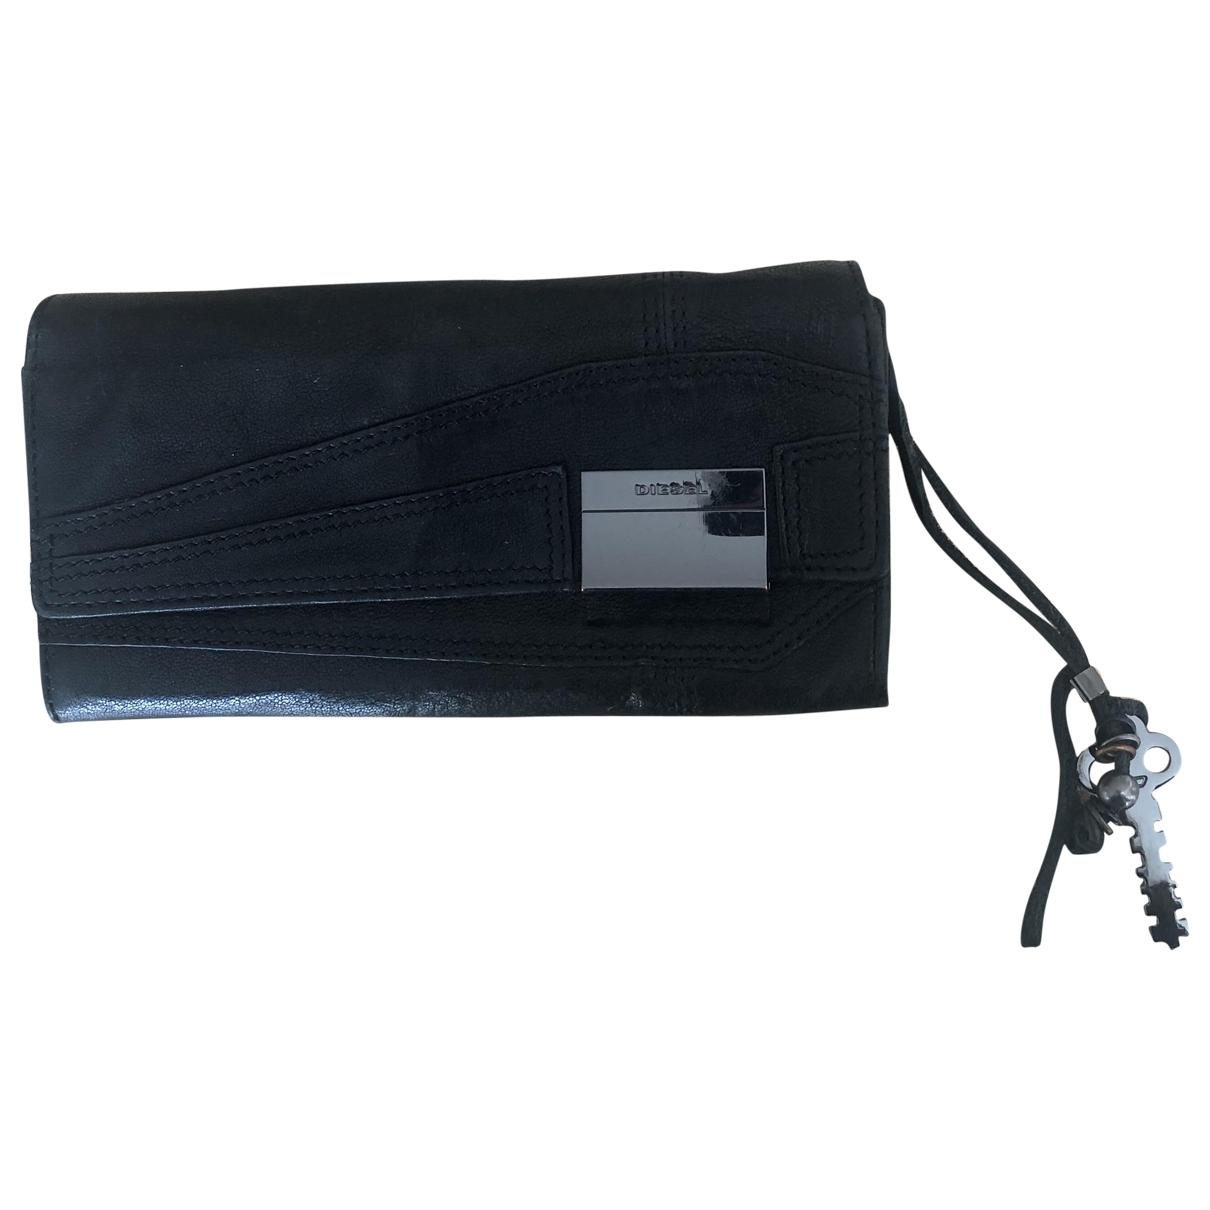 Diesel \N Black Leather wallet for Women \N